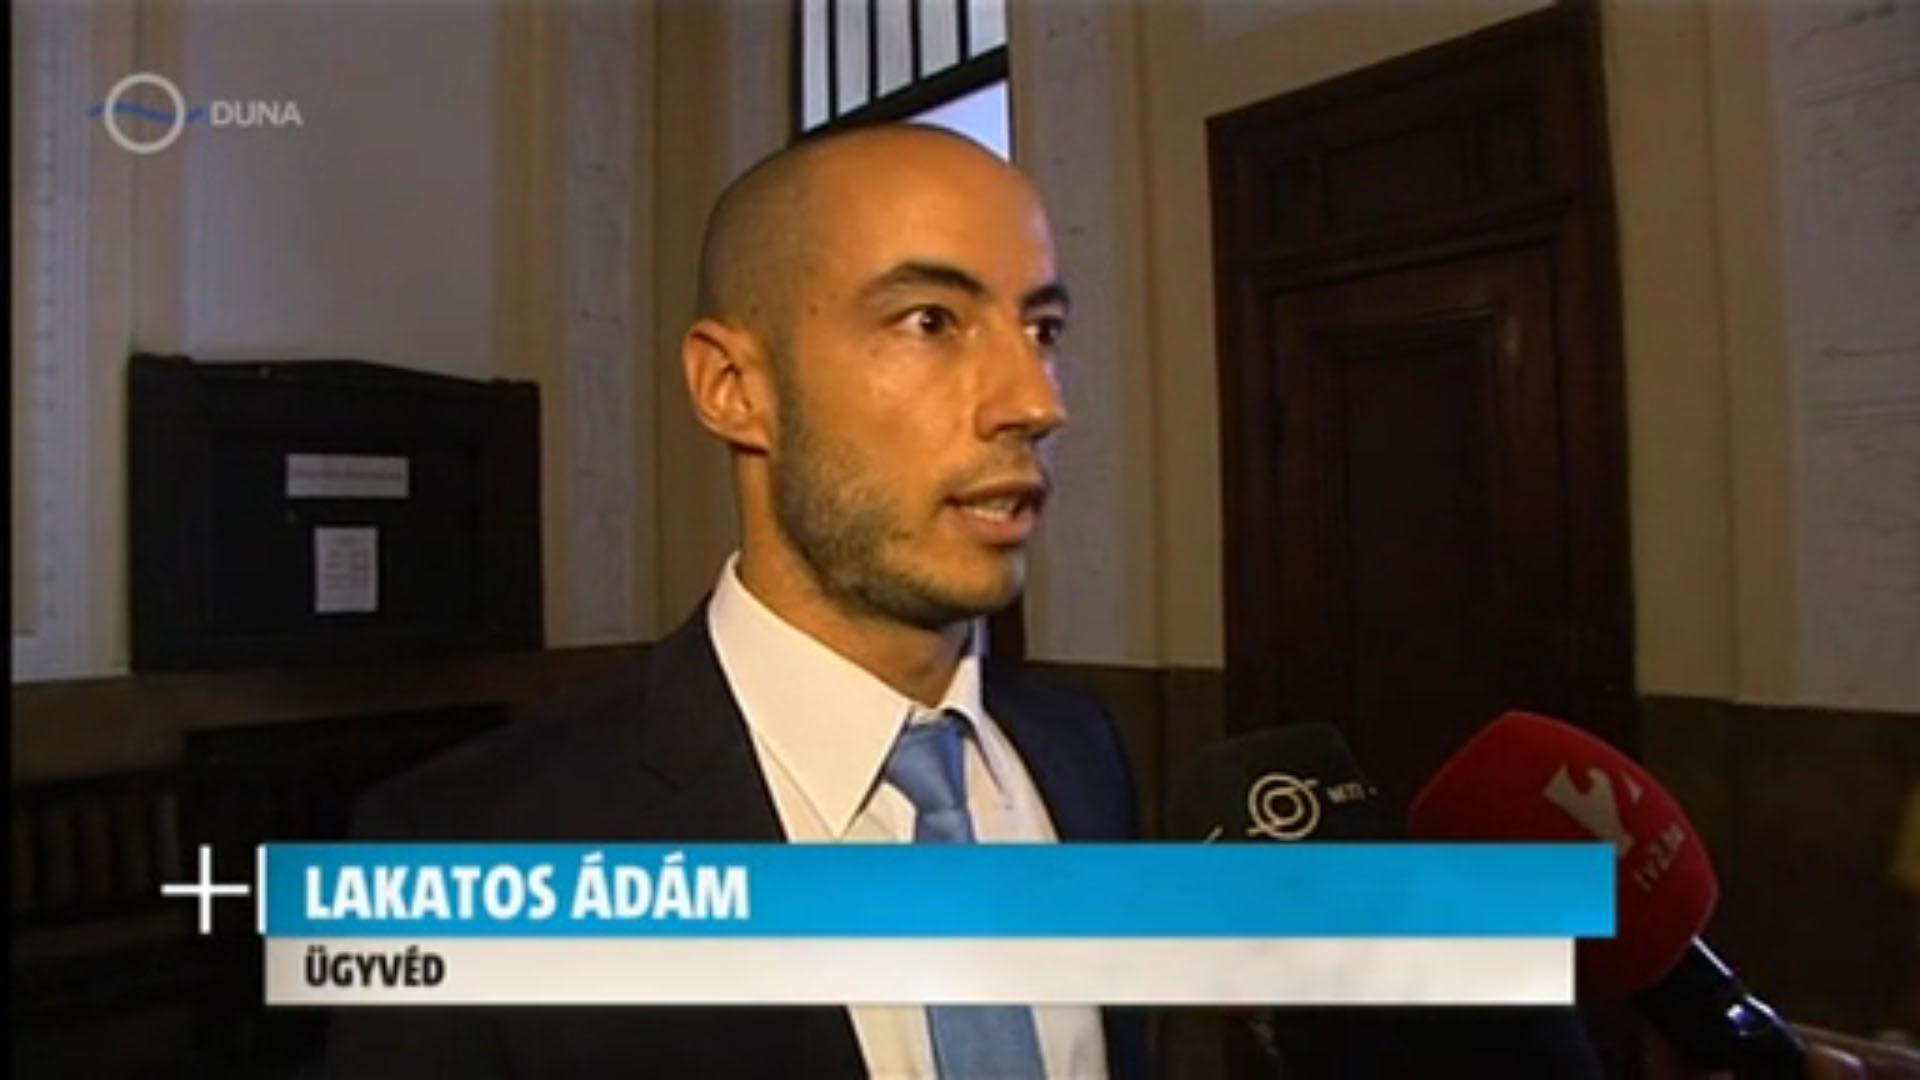 Duna TV - 2014.08.08 Lakatatos Ádám, ügyvéd